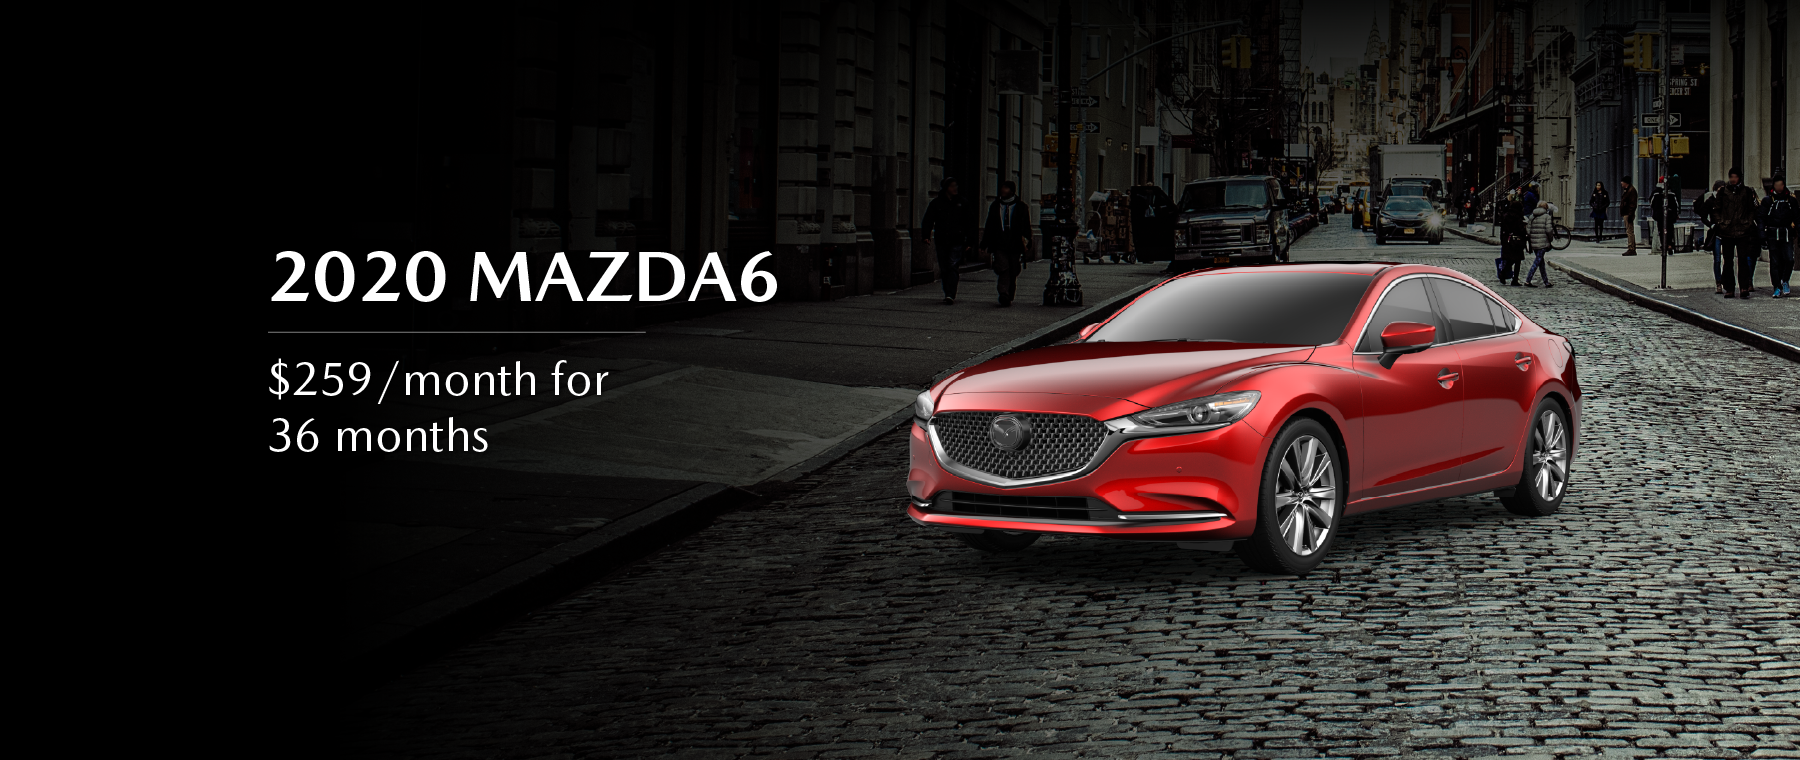 2020 Mazda6